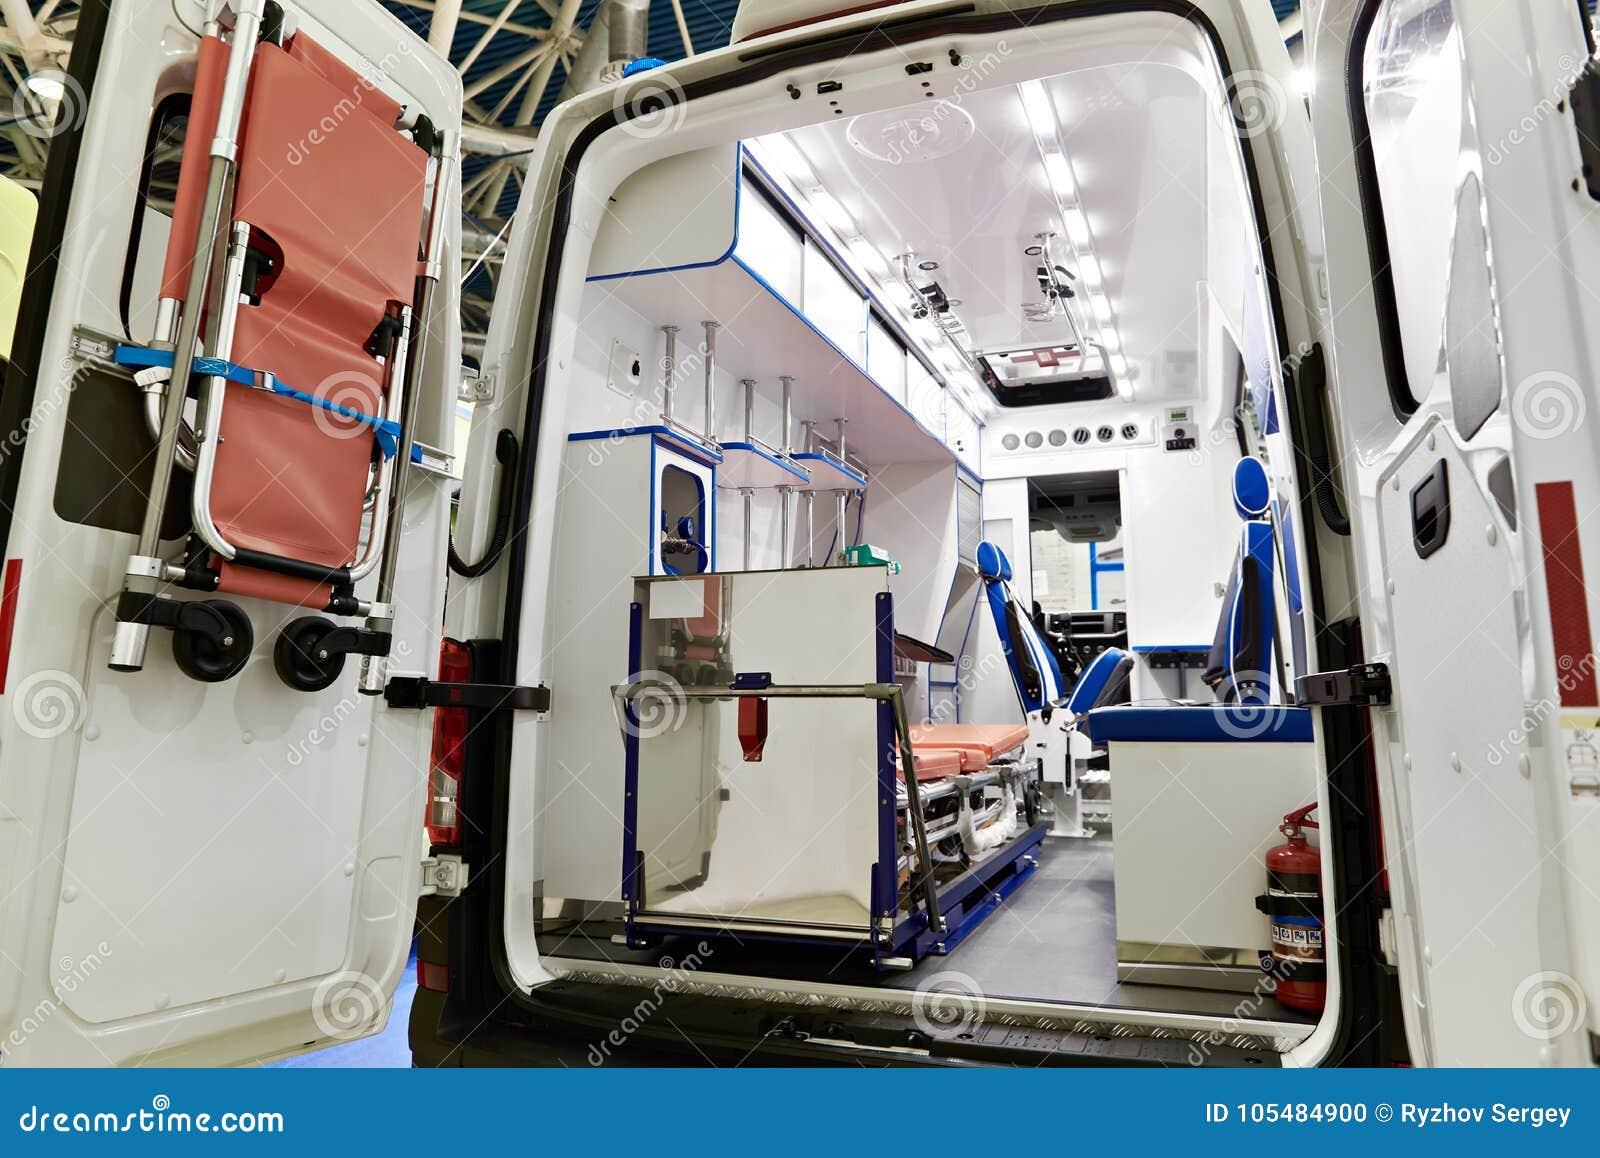 Binnenland van ziekenwagen met medische apparatuur